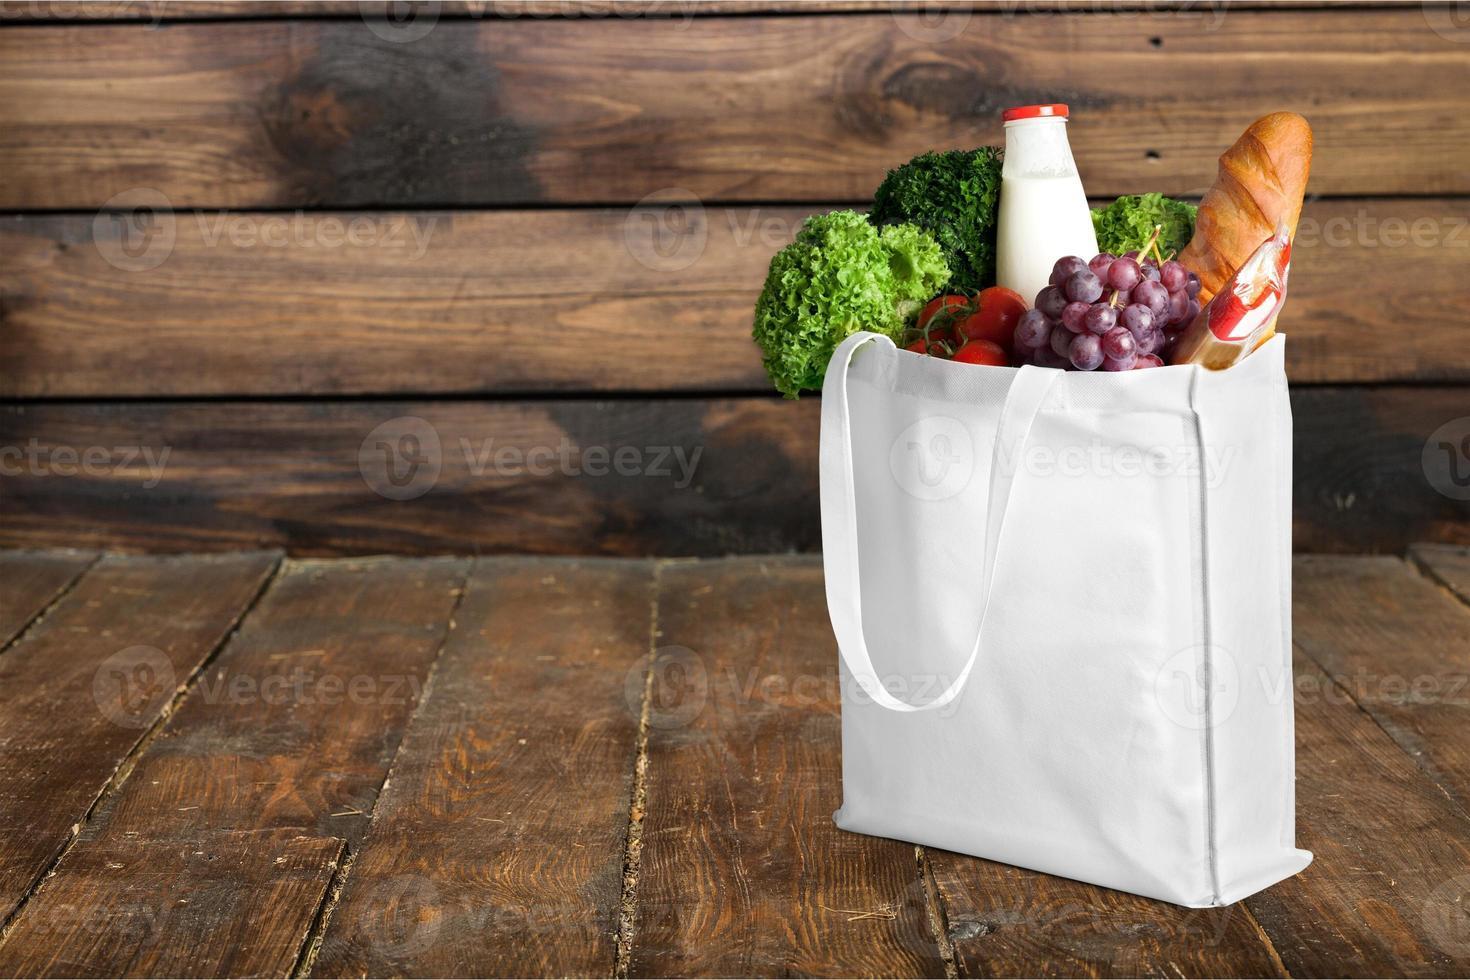 Tasche, Einkaufstasche, Lebensmittel foto